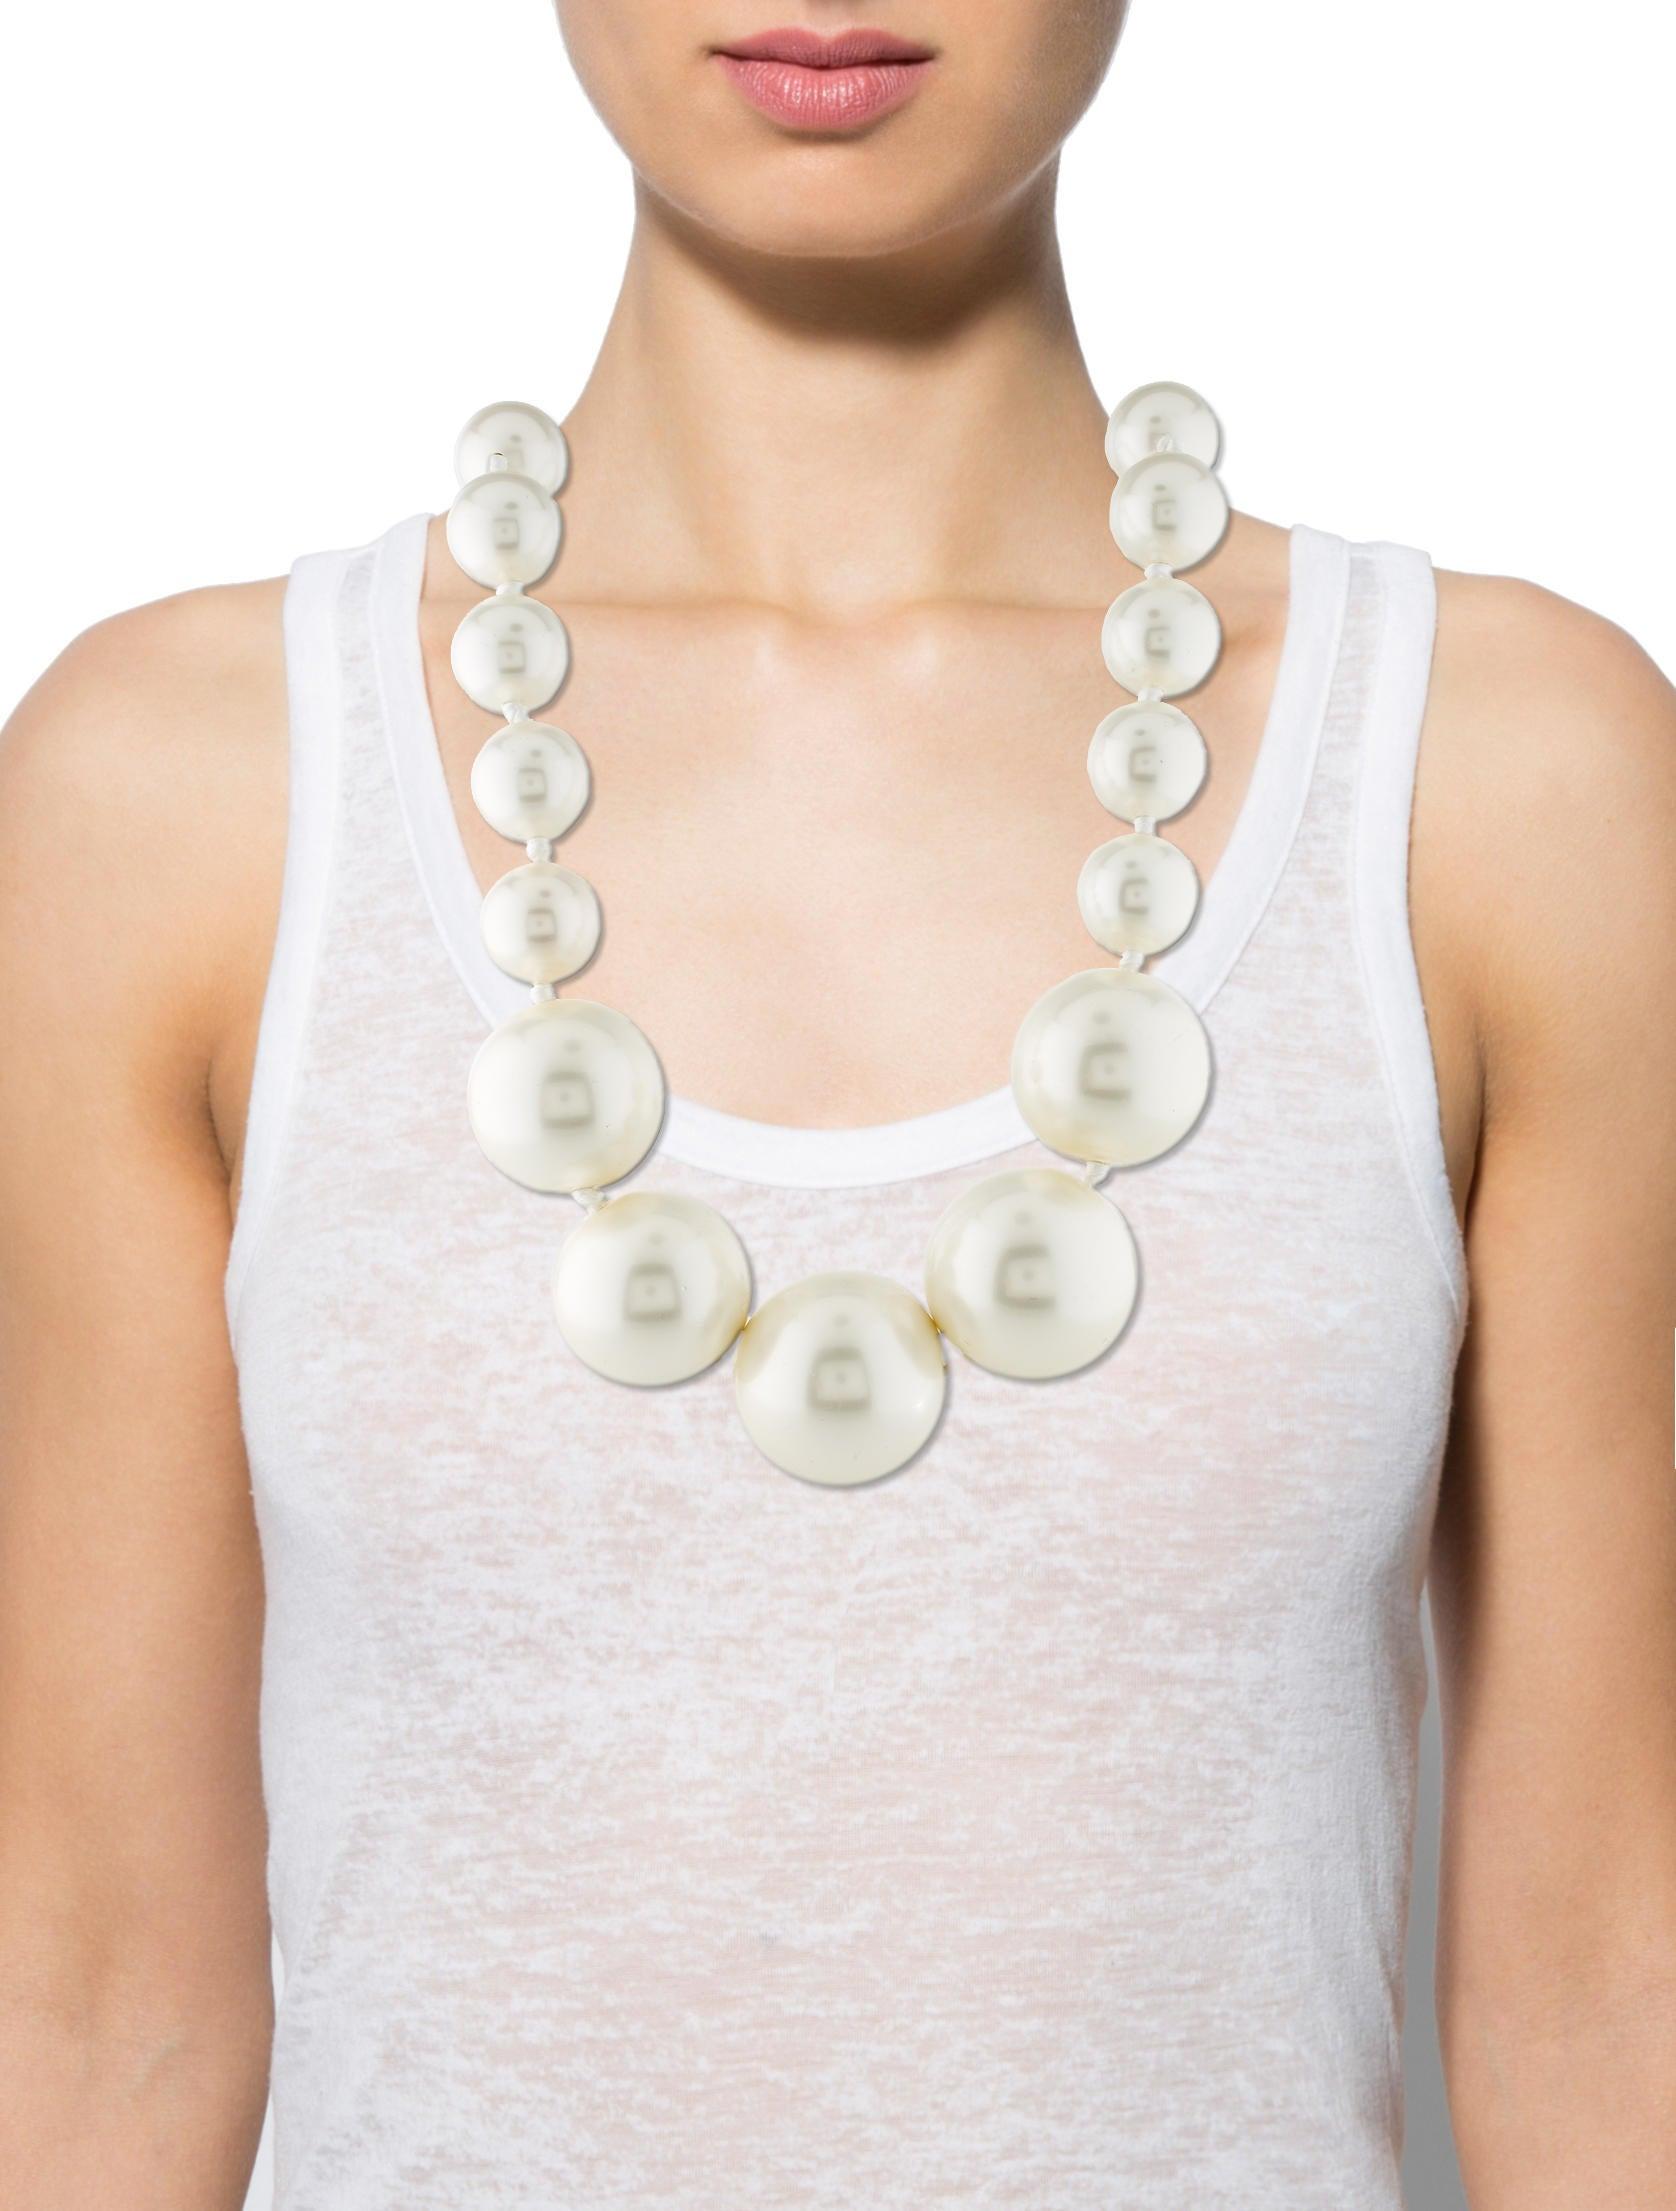 Louis Vuitton Oversized Faux Pearl Necklace Necklaces